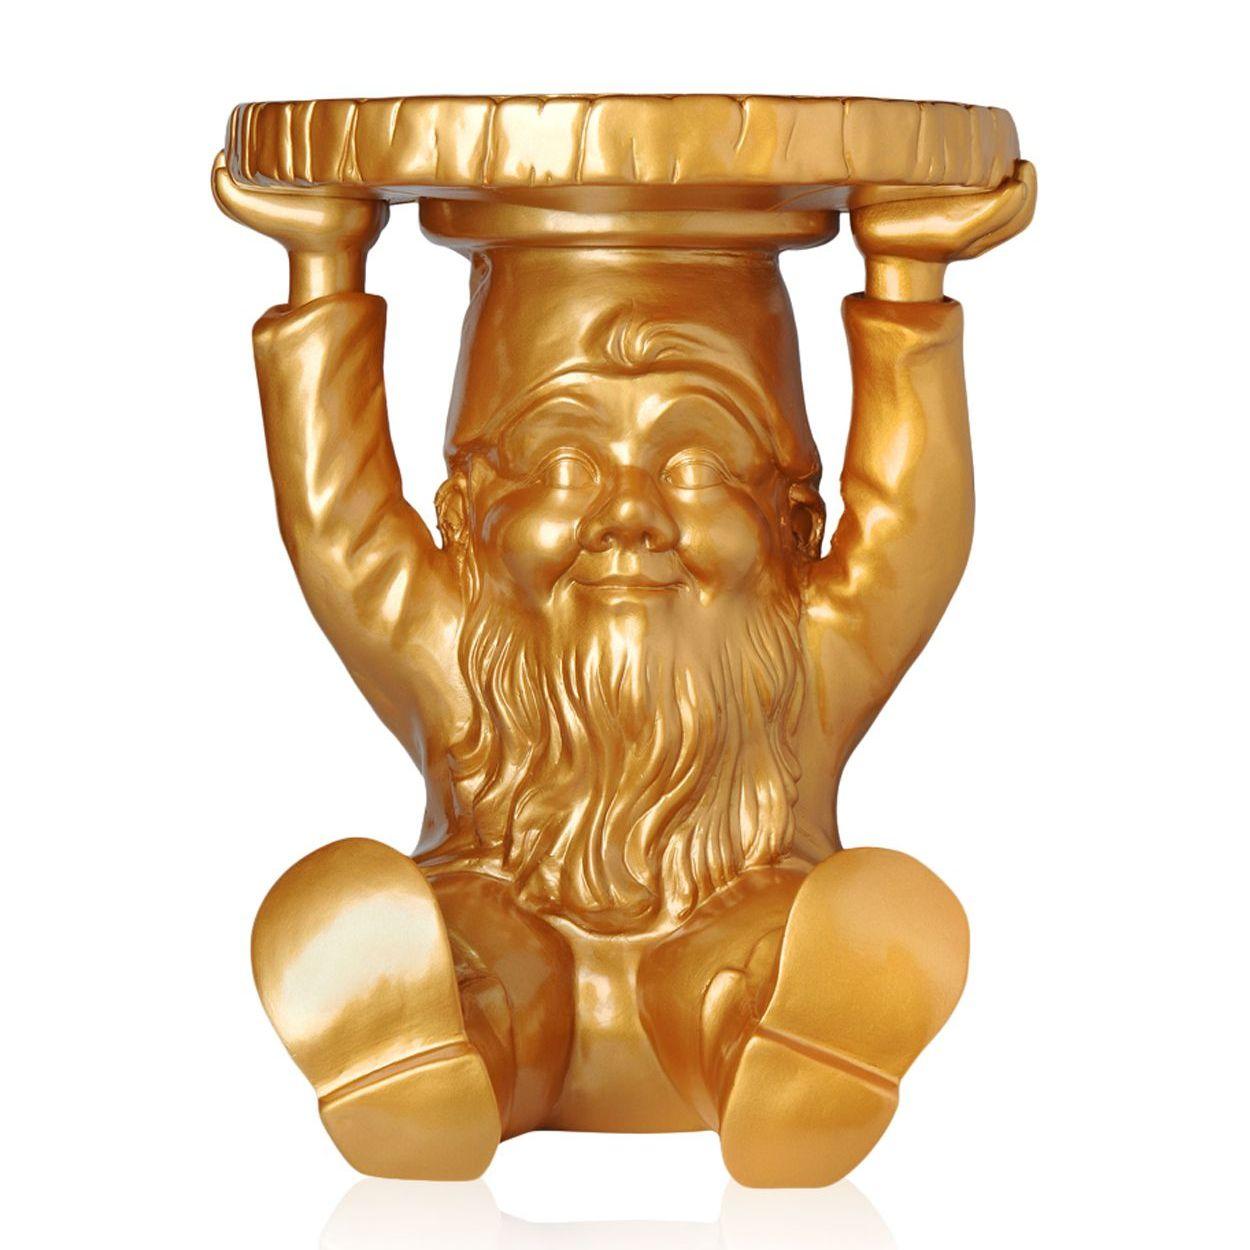 Gnome Hocker/Beistelltisch Attila 8831 gold